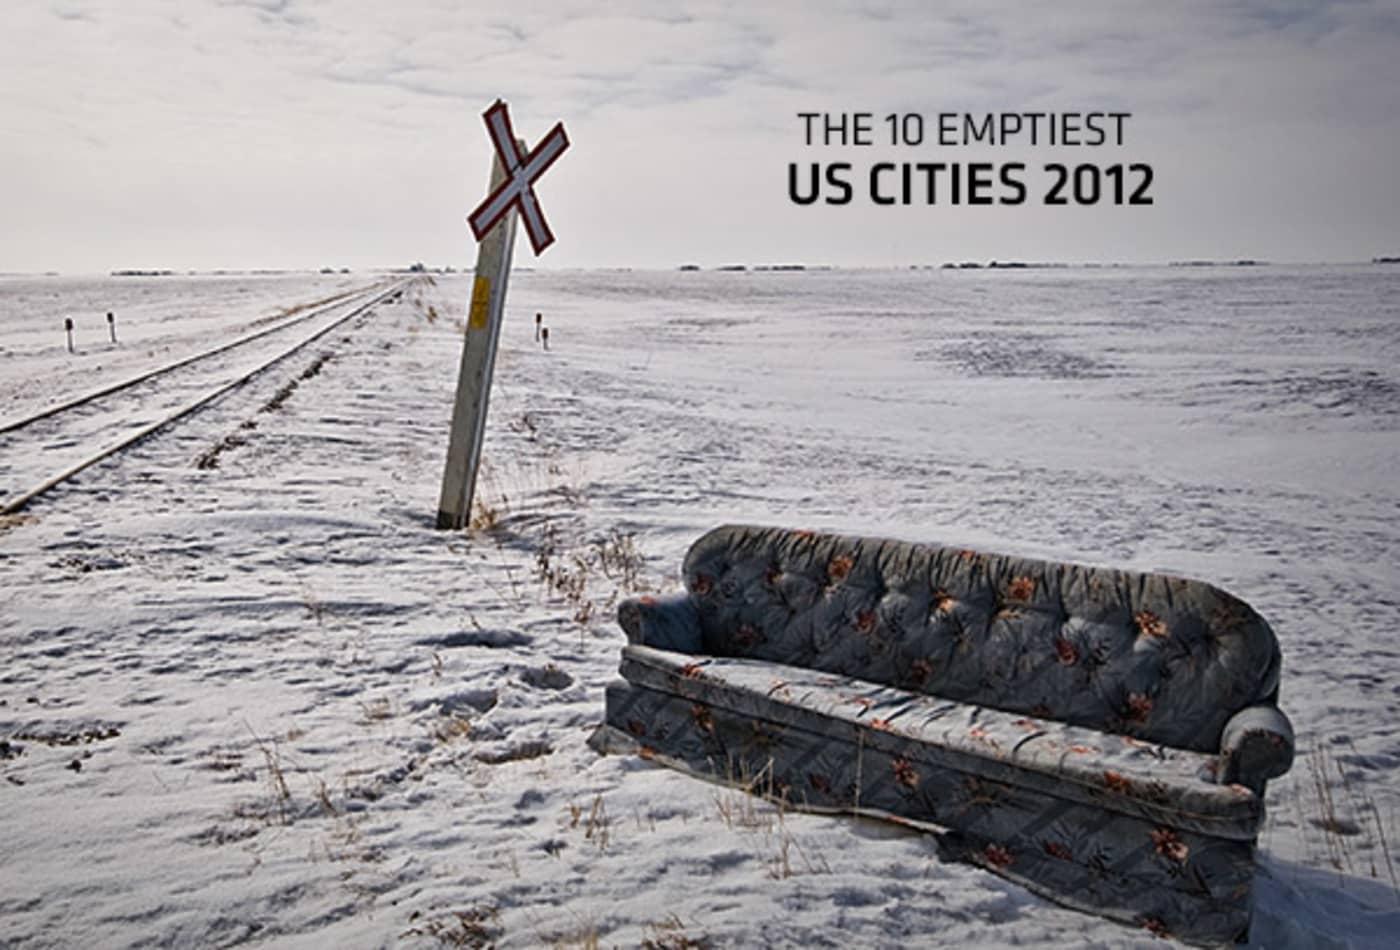 10-emptiest-us-cities-2012-cover.jpg